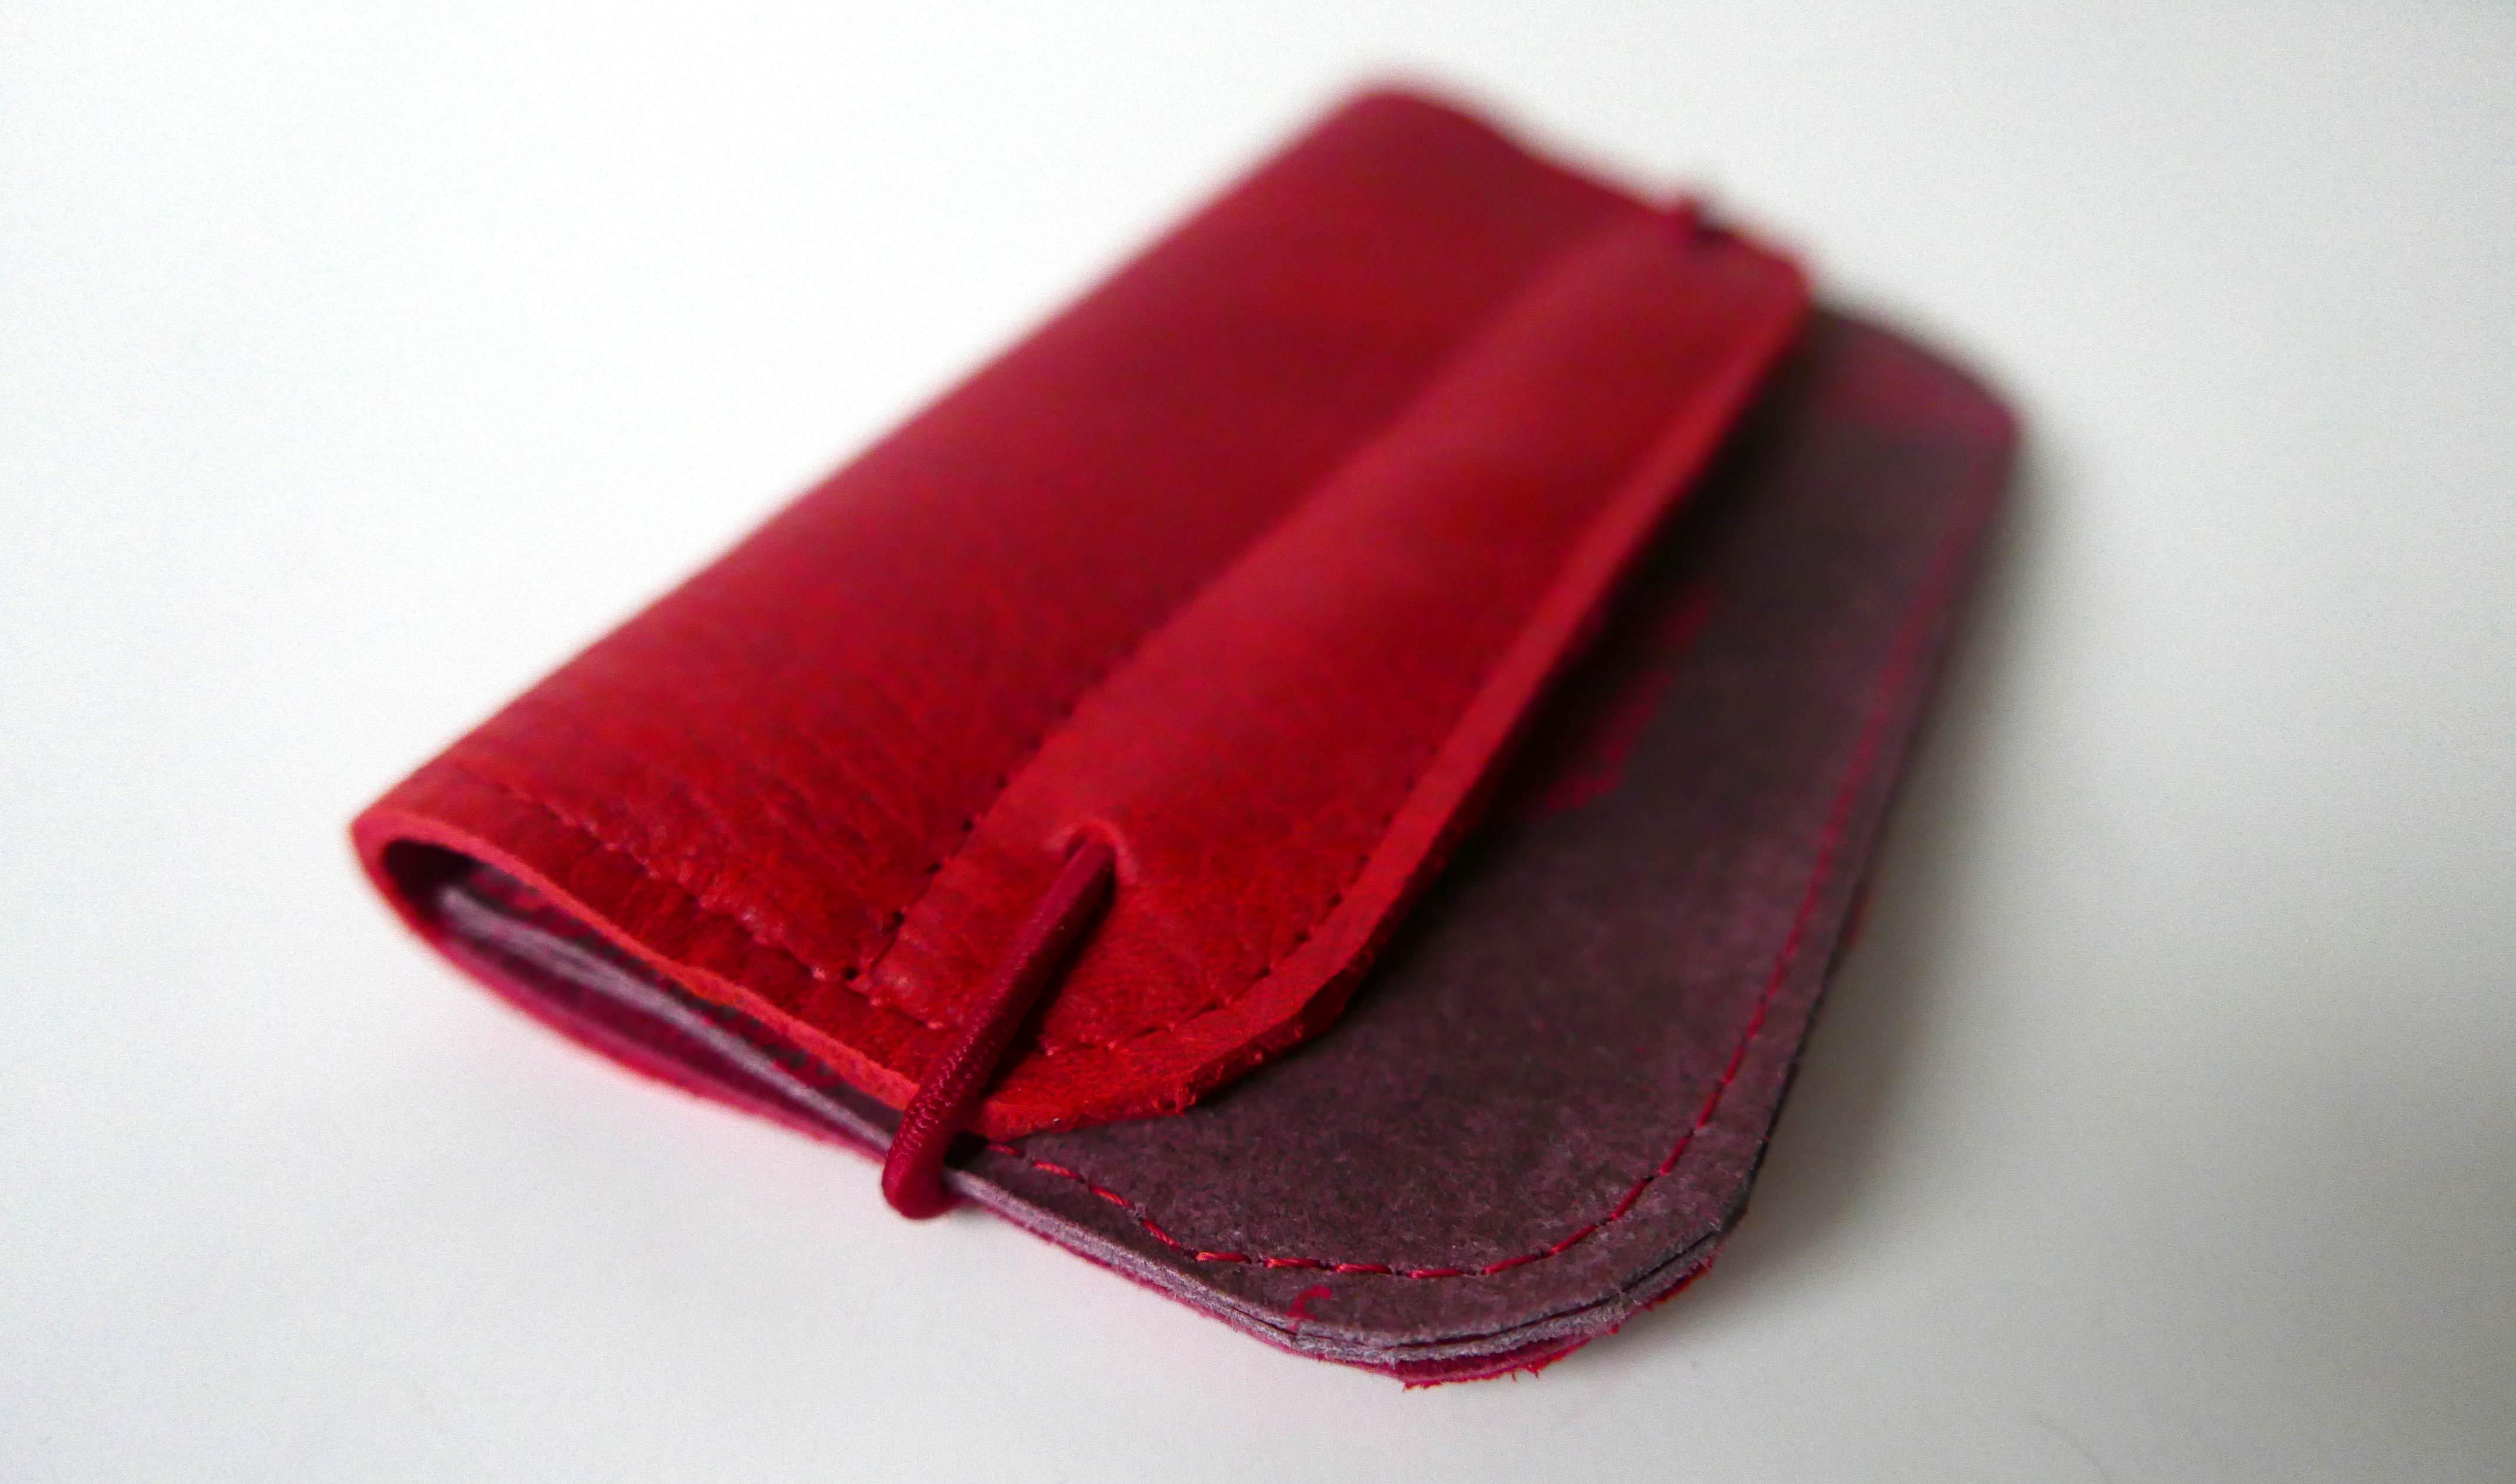 fa2a0cca8c2 Leren portemonnee in verschillende kleuren rood ⋆ MiONtas